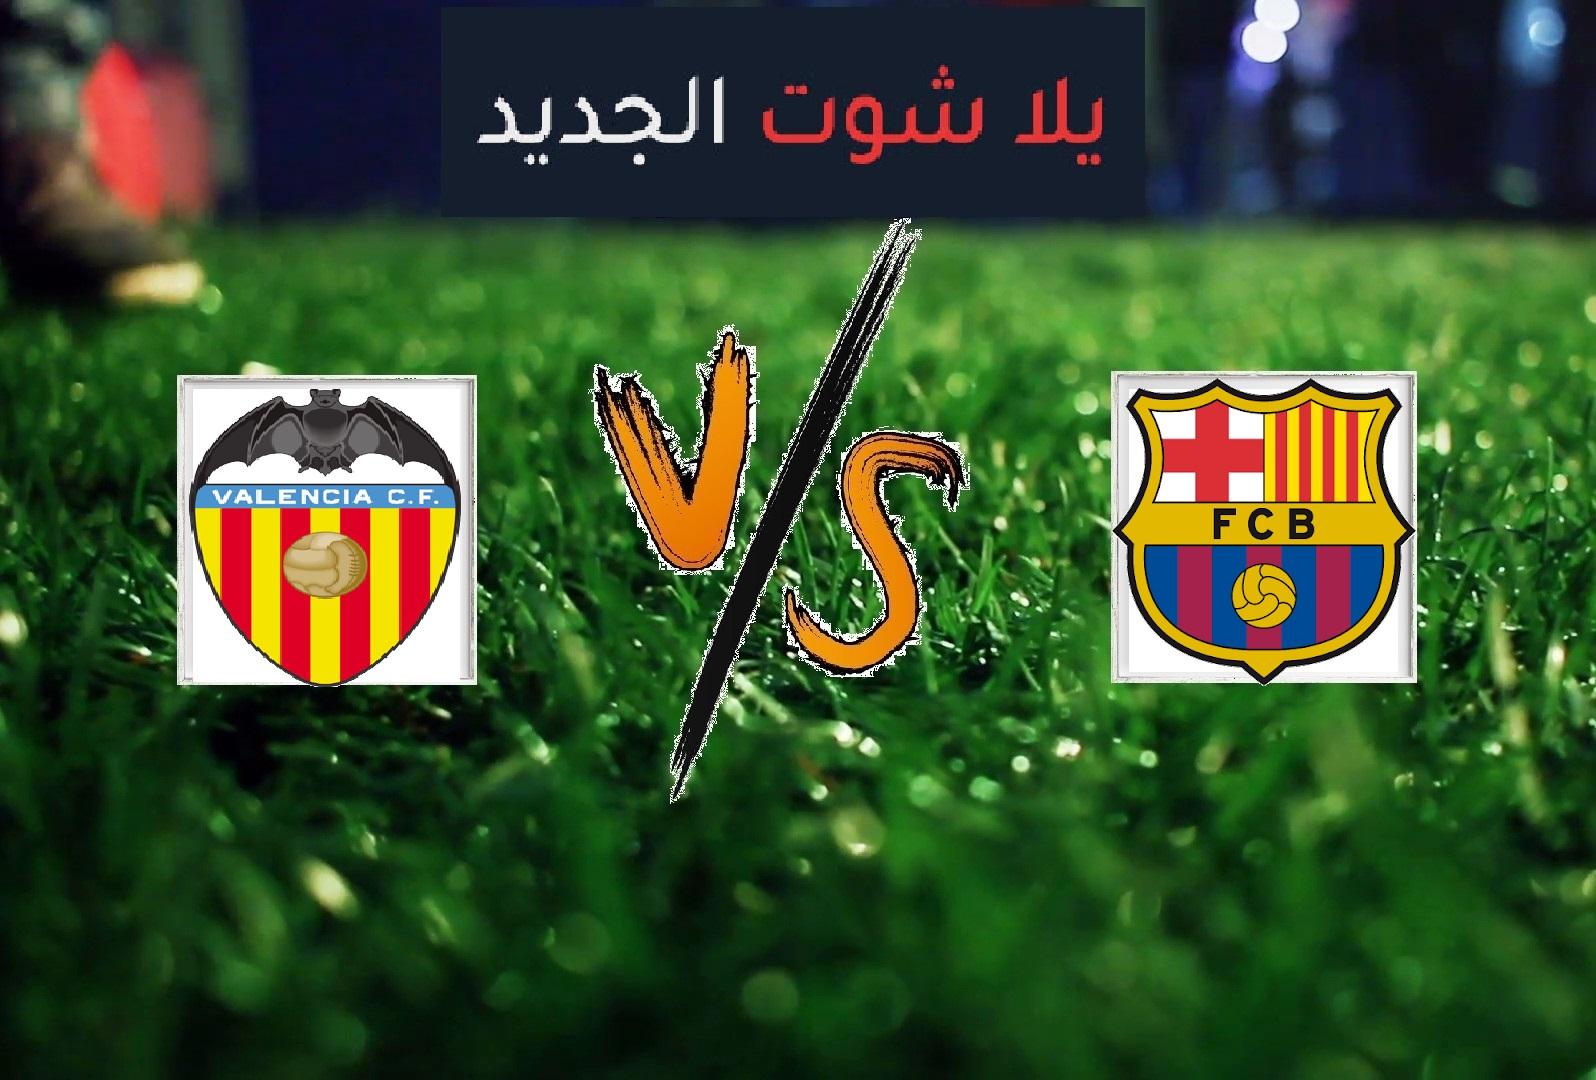 نتيجة مباراة برشلونة وفالنسيا اليوم السبت بتاريخ 25-05-2019 كأس ملك إسبانيا